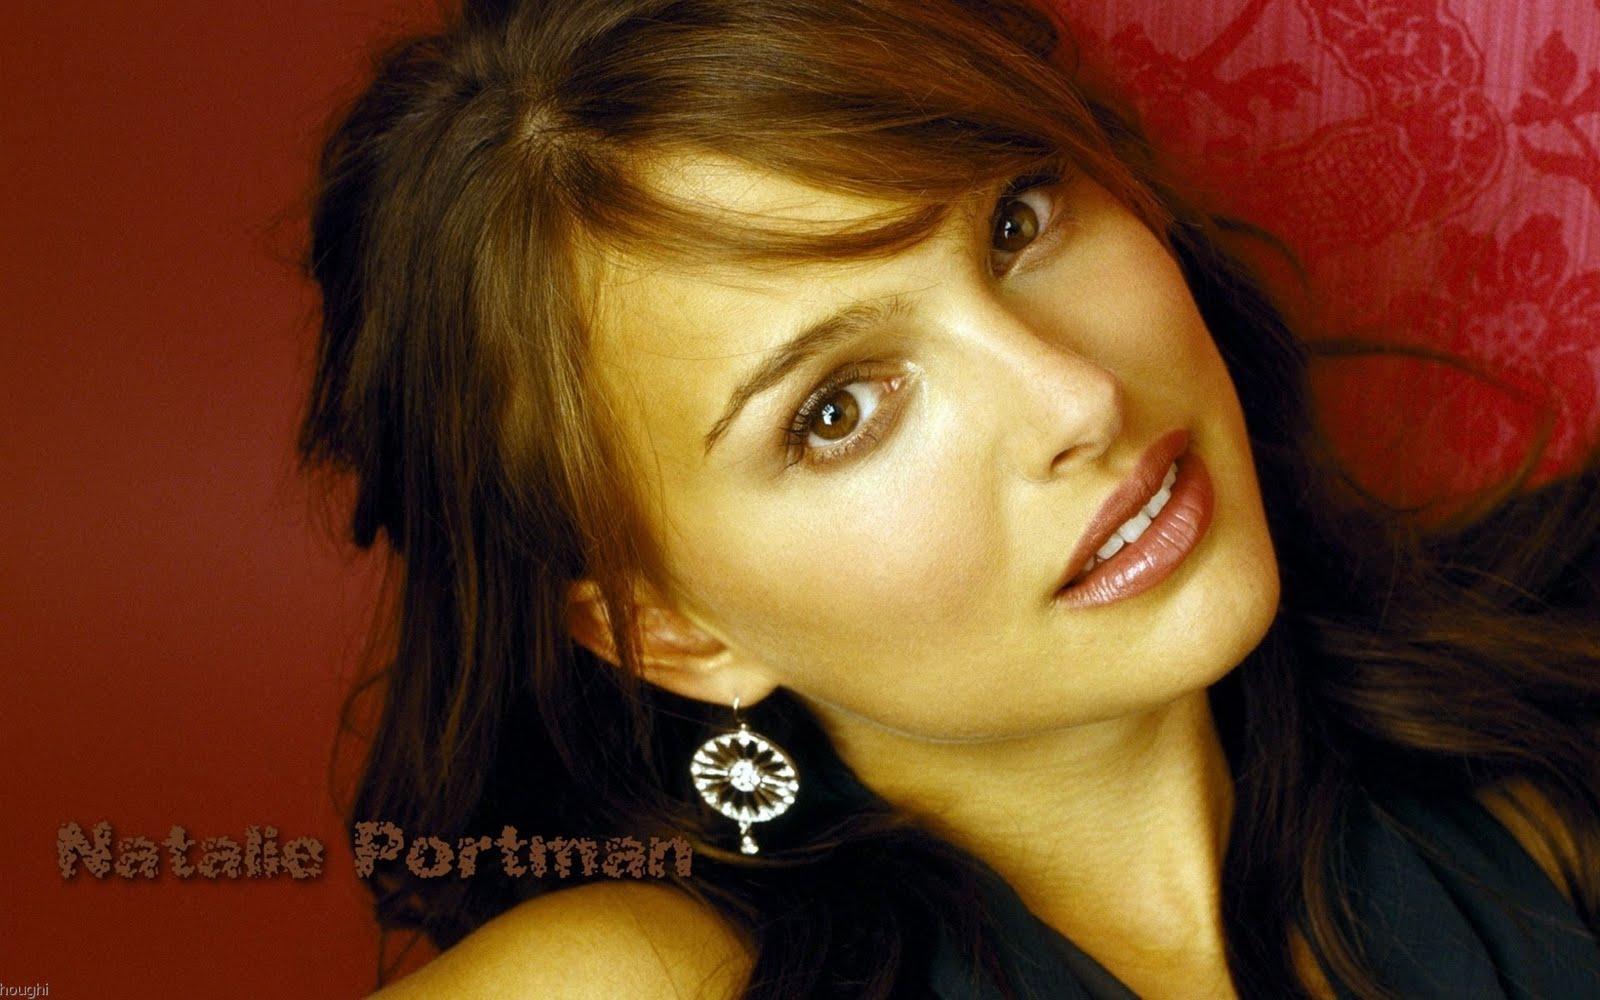 http://3.bp.blogspot.com/-QYPkCM6fCz8/TfZhNBcOTkI/AAAAAAAAAW8/AsDuW_bmmq4/s1600/natalie_portman_20080921_0417.jpg